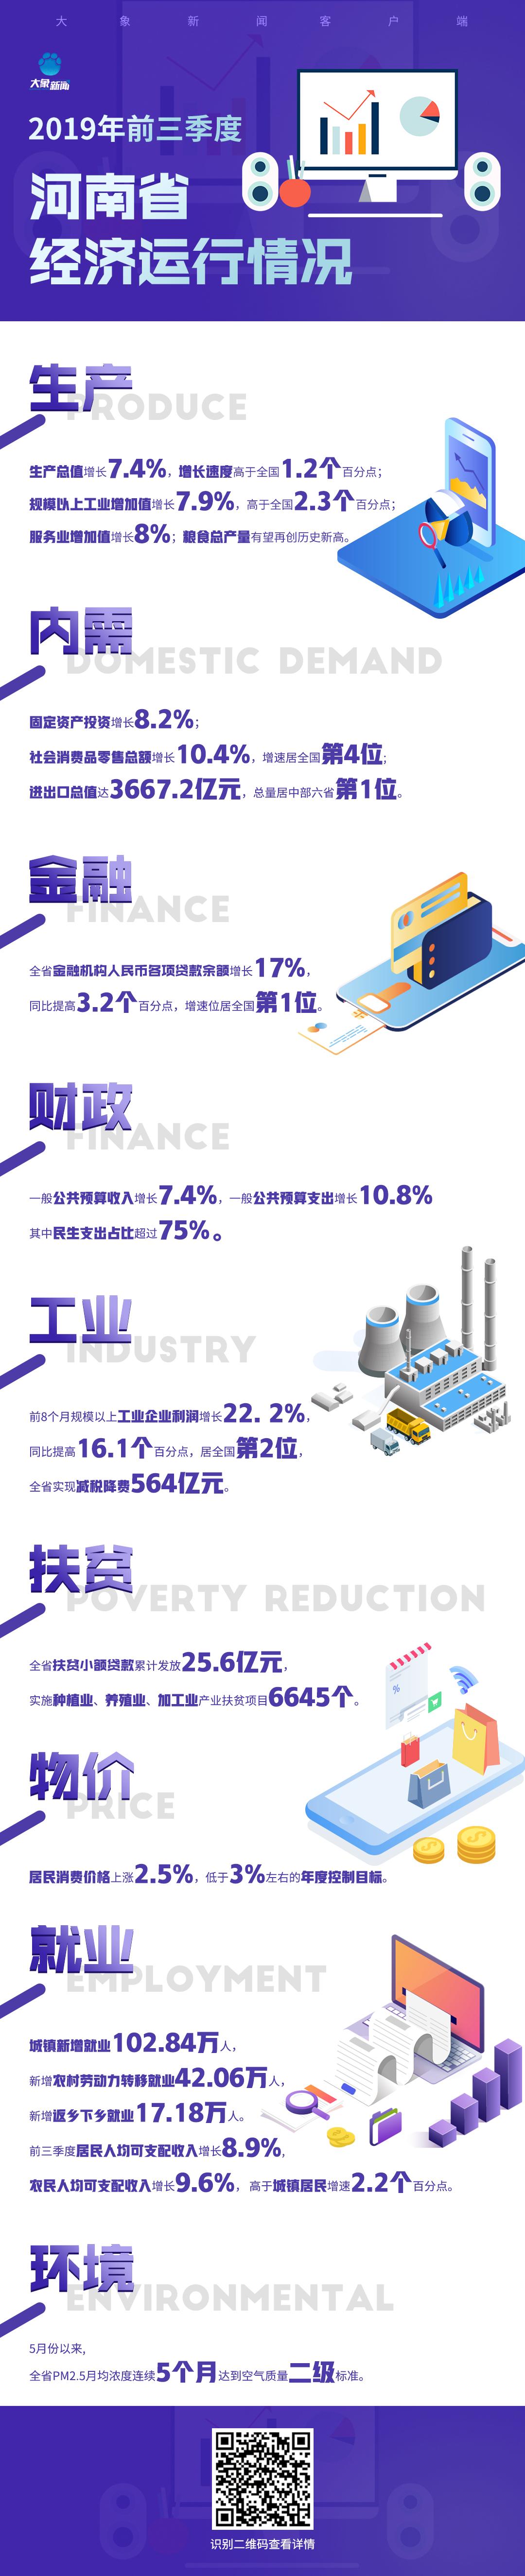 【图解】2019前三季度河南省经济运行情况